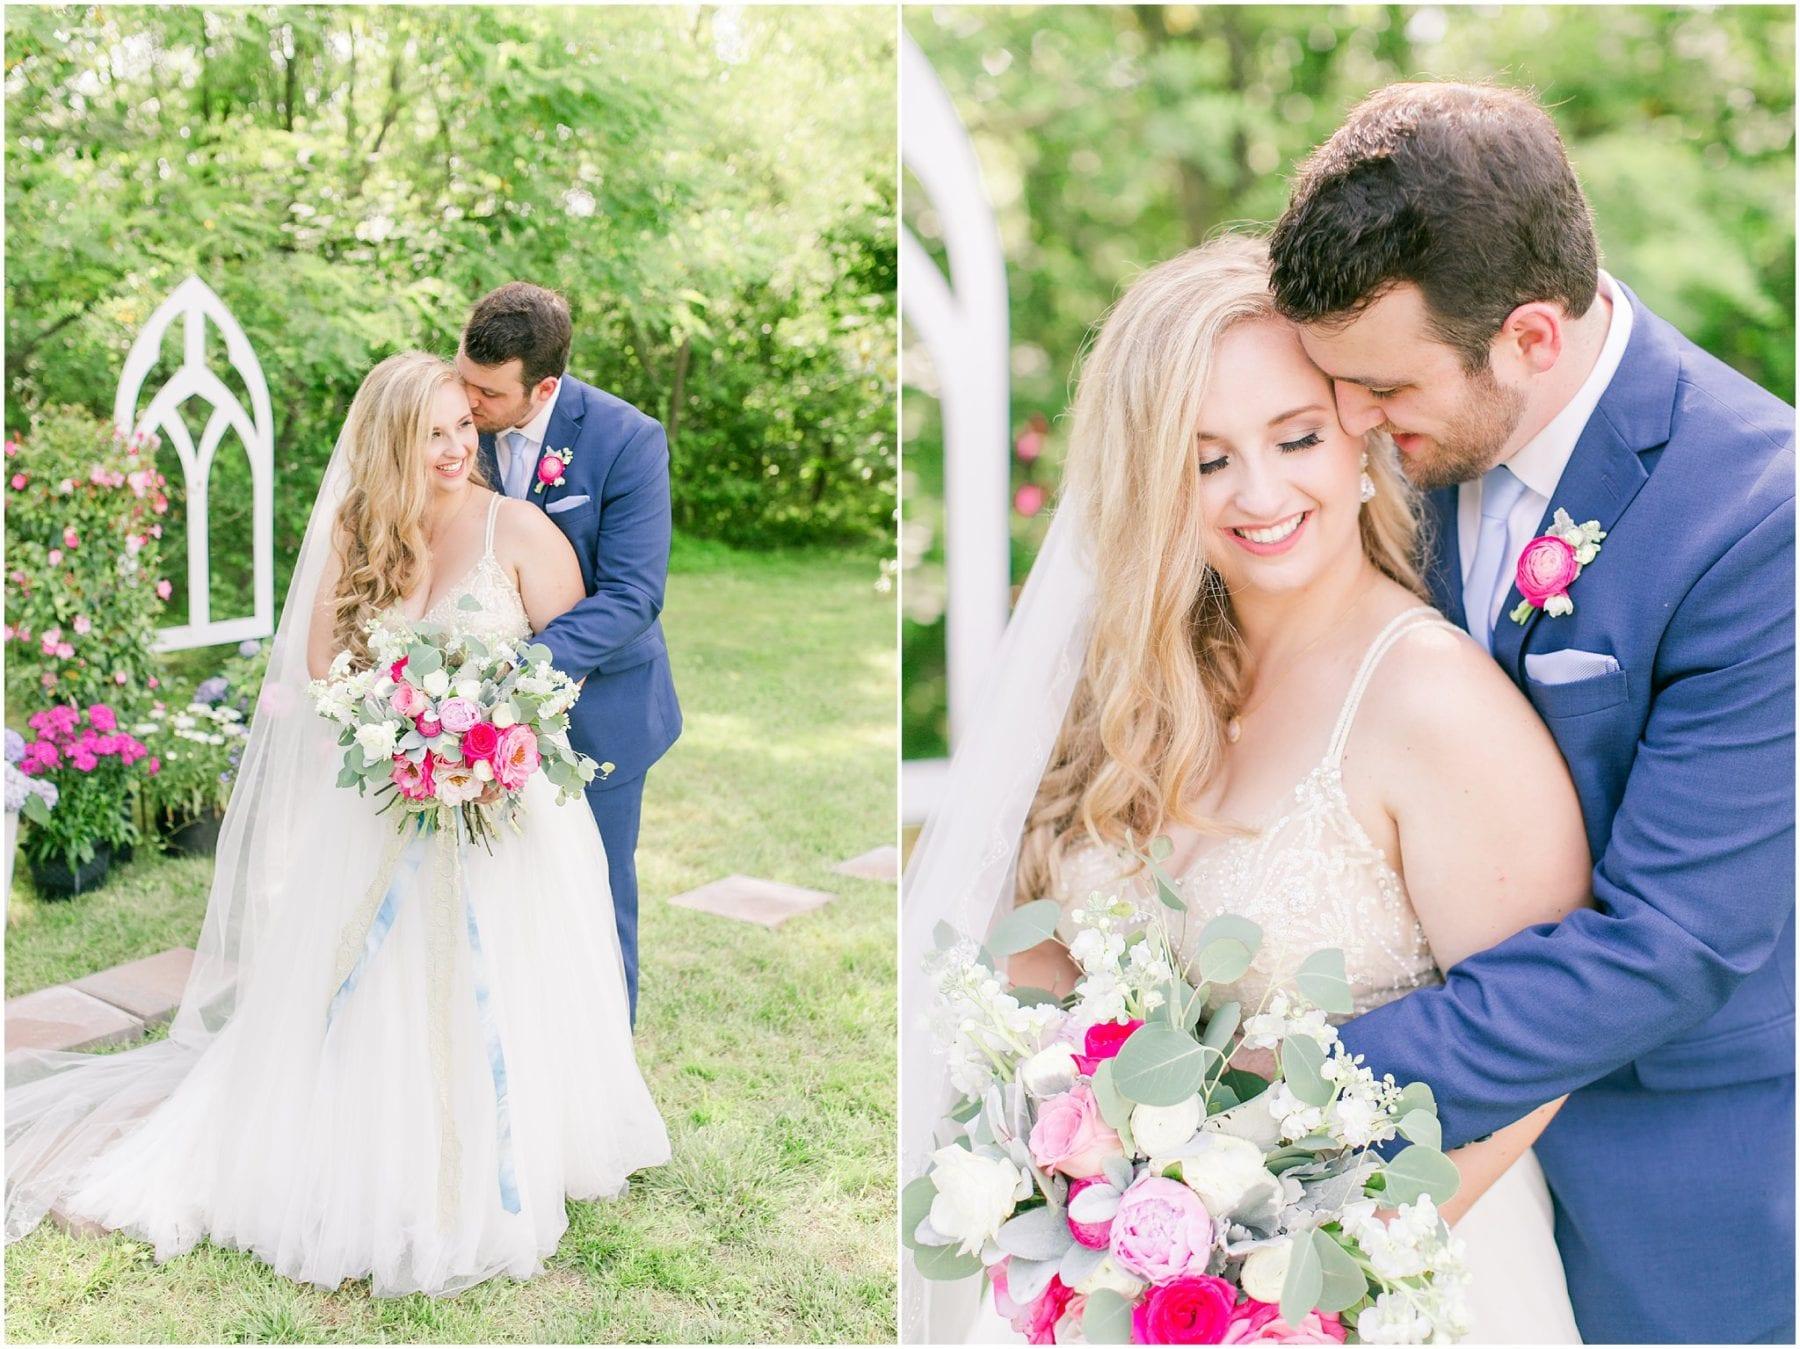 Maryland Backyard Wedding Photos Kelly & Zach Megan Kelsey Photography-123.jpg